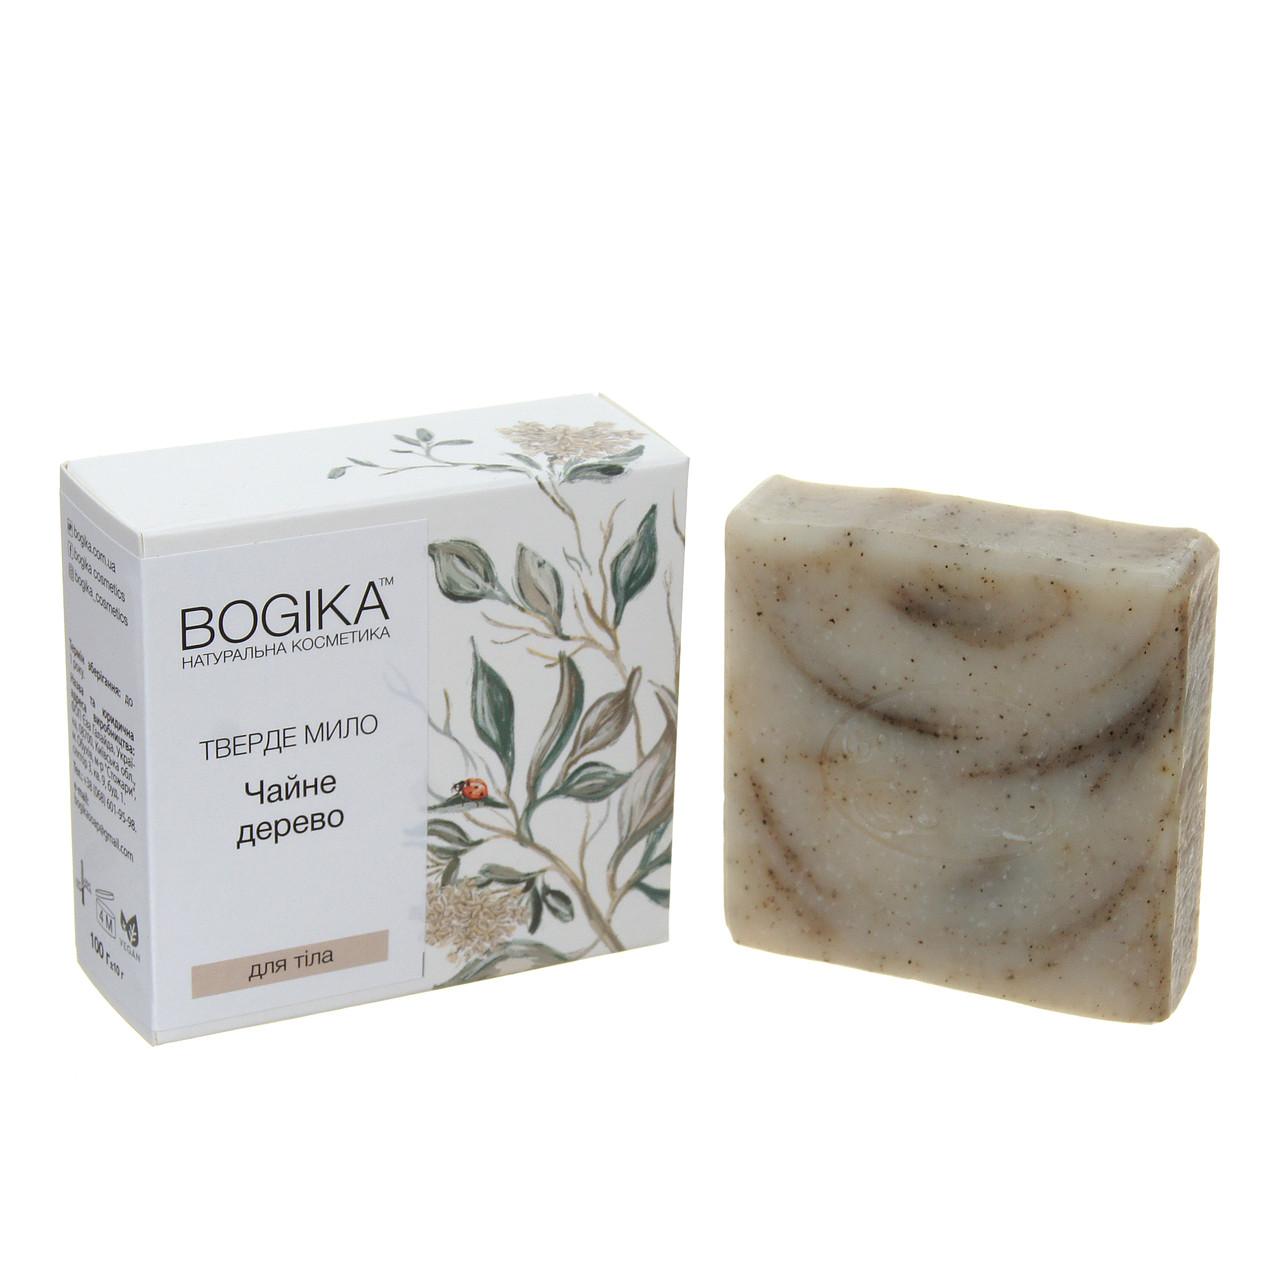 """""""Чайне дерево"""" з ефірною олією чайного дерева, натуральне тверде мило для тіла BOGIKA"""